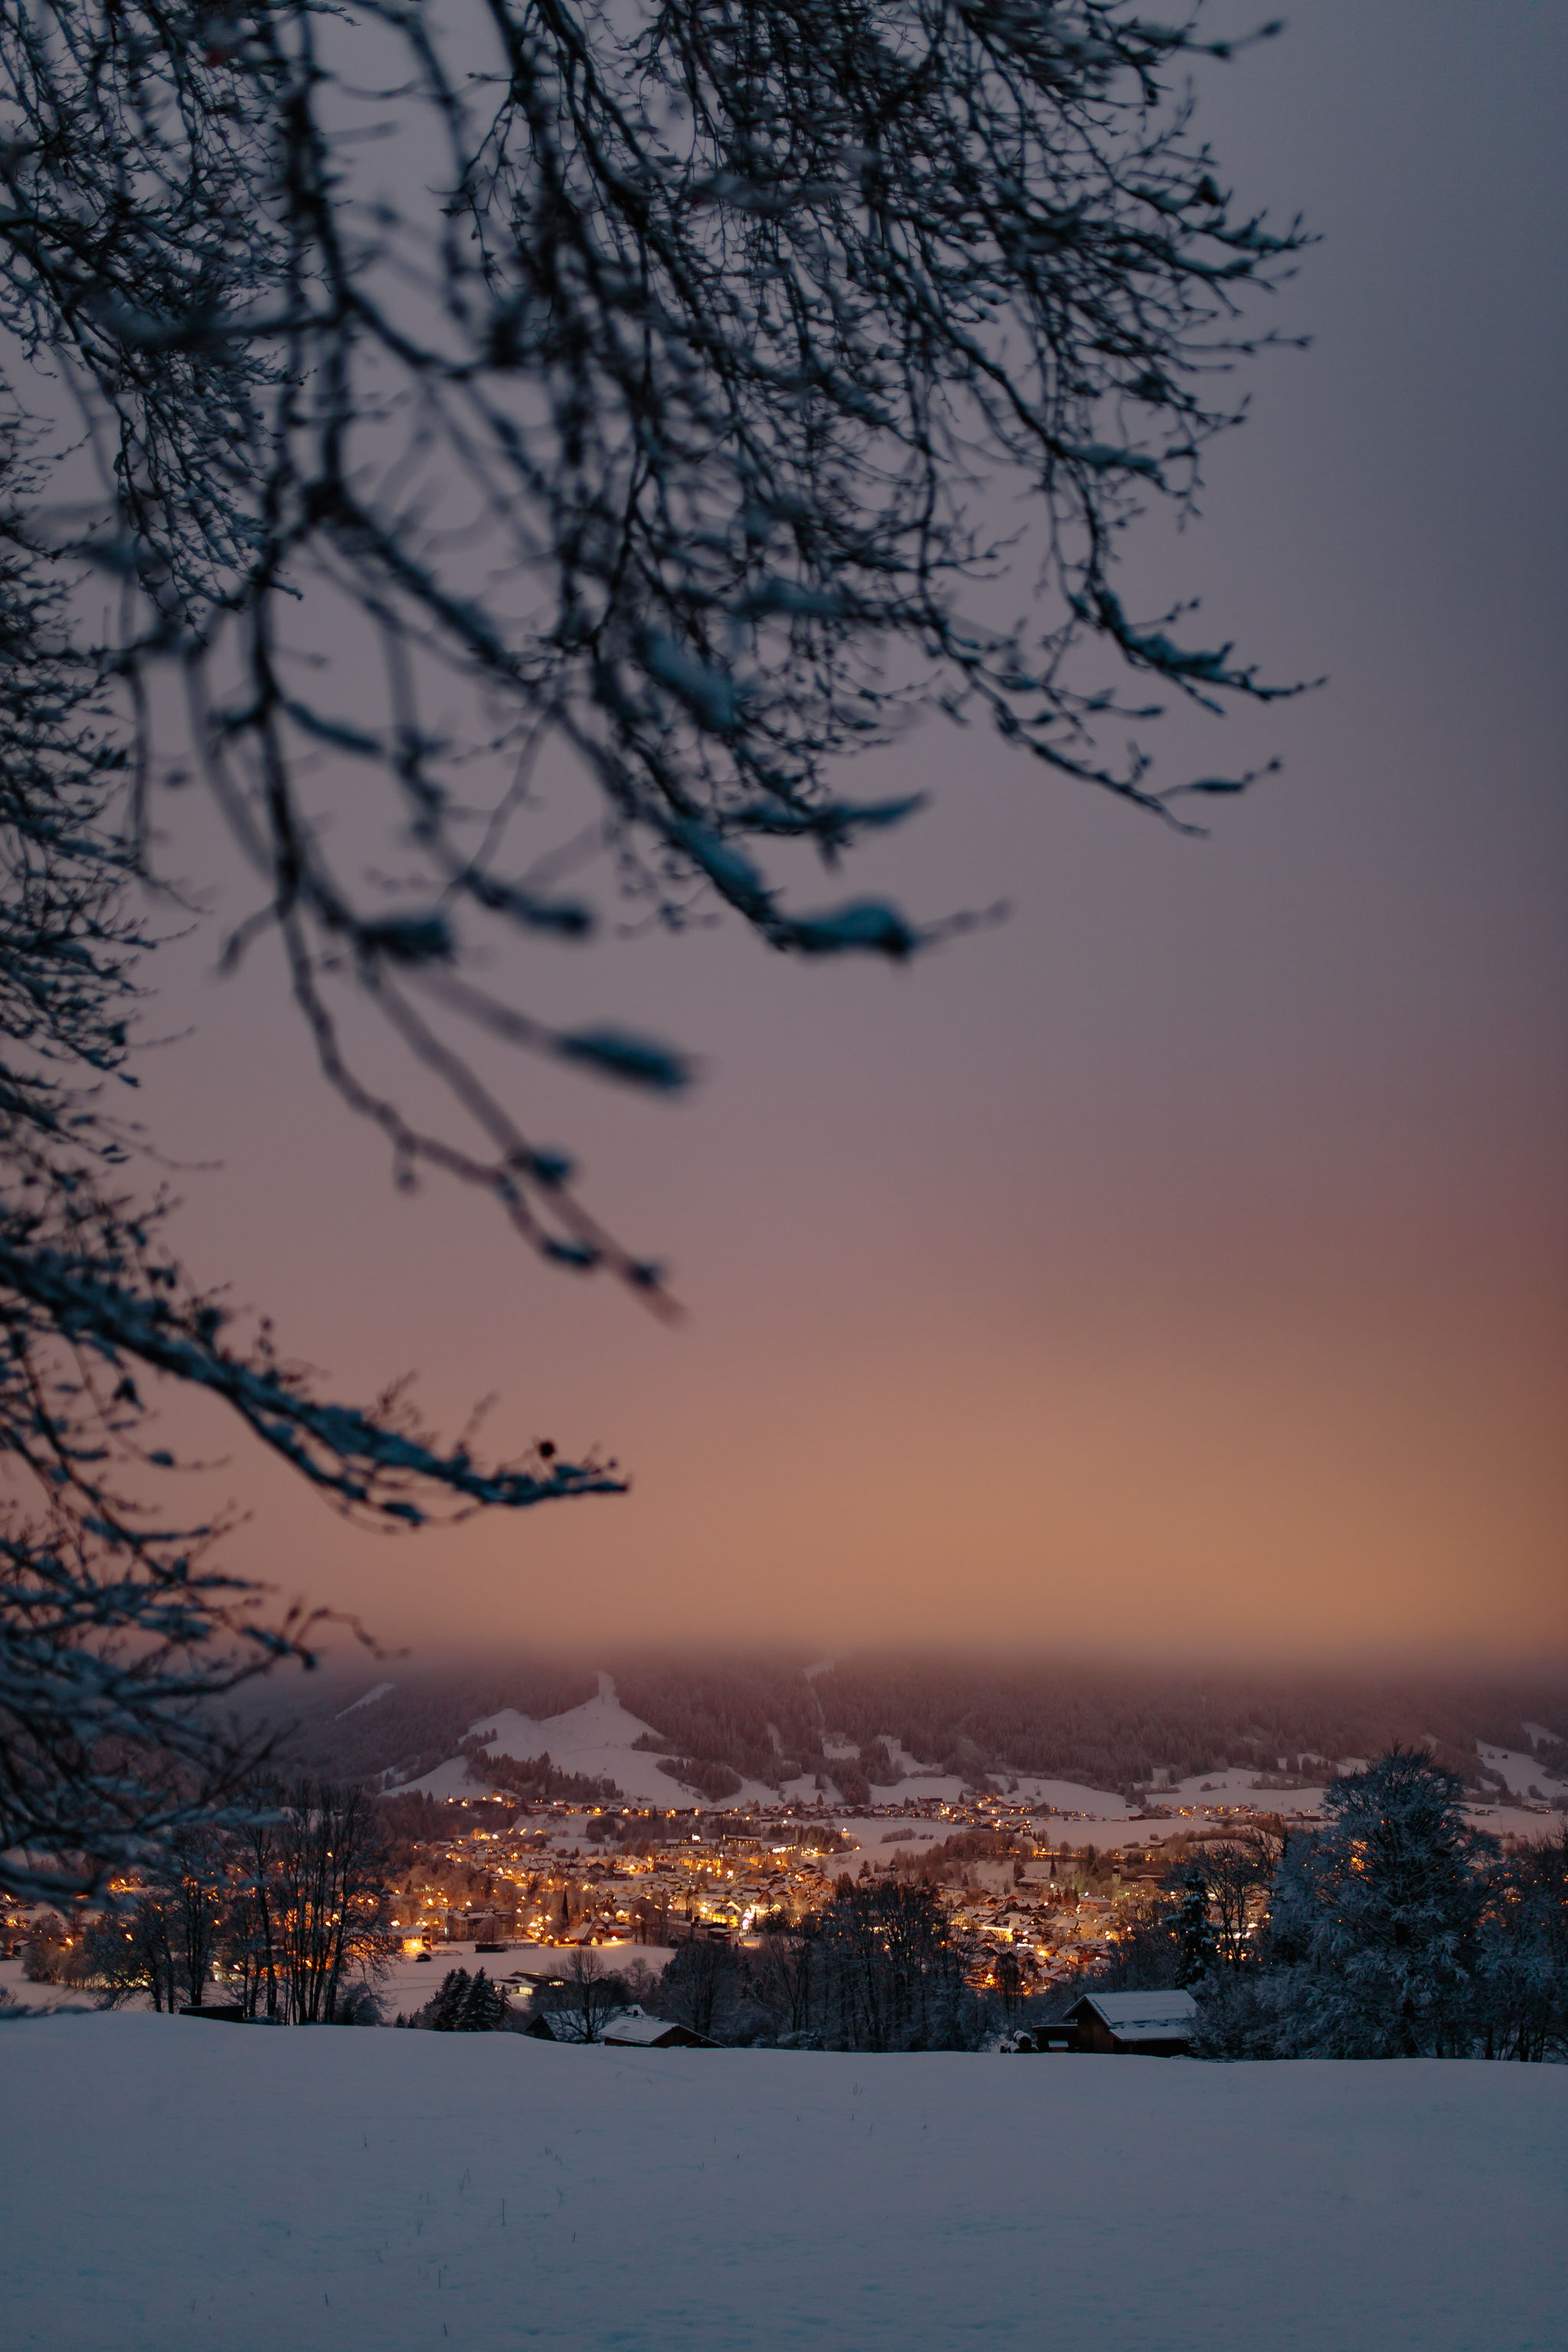 Snowy Eve